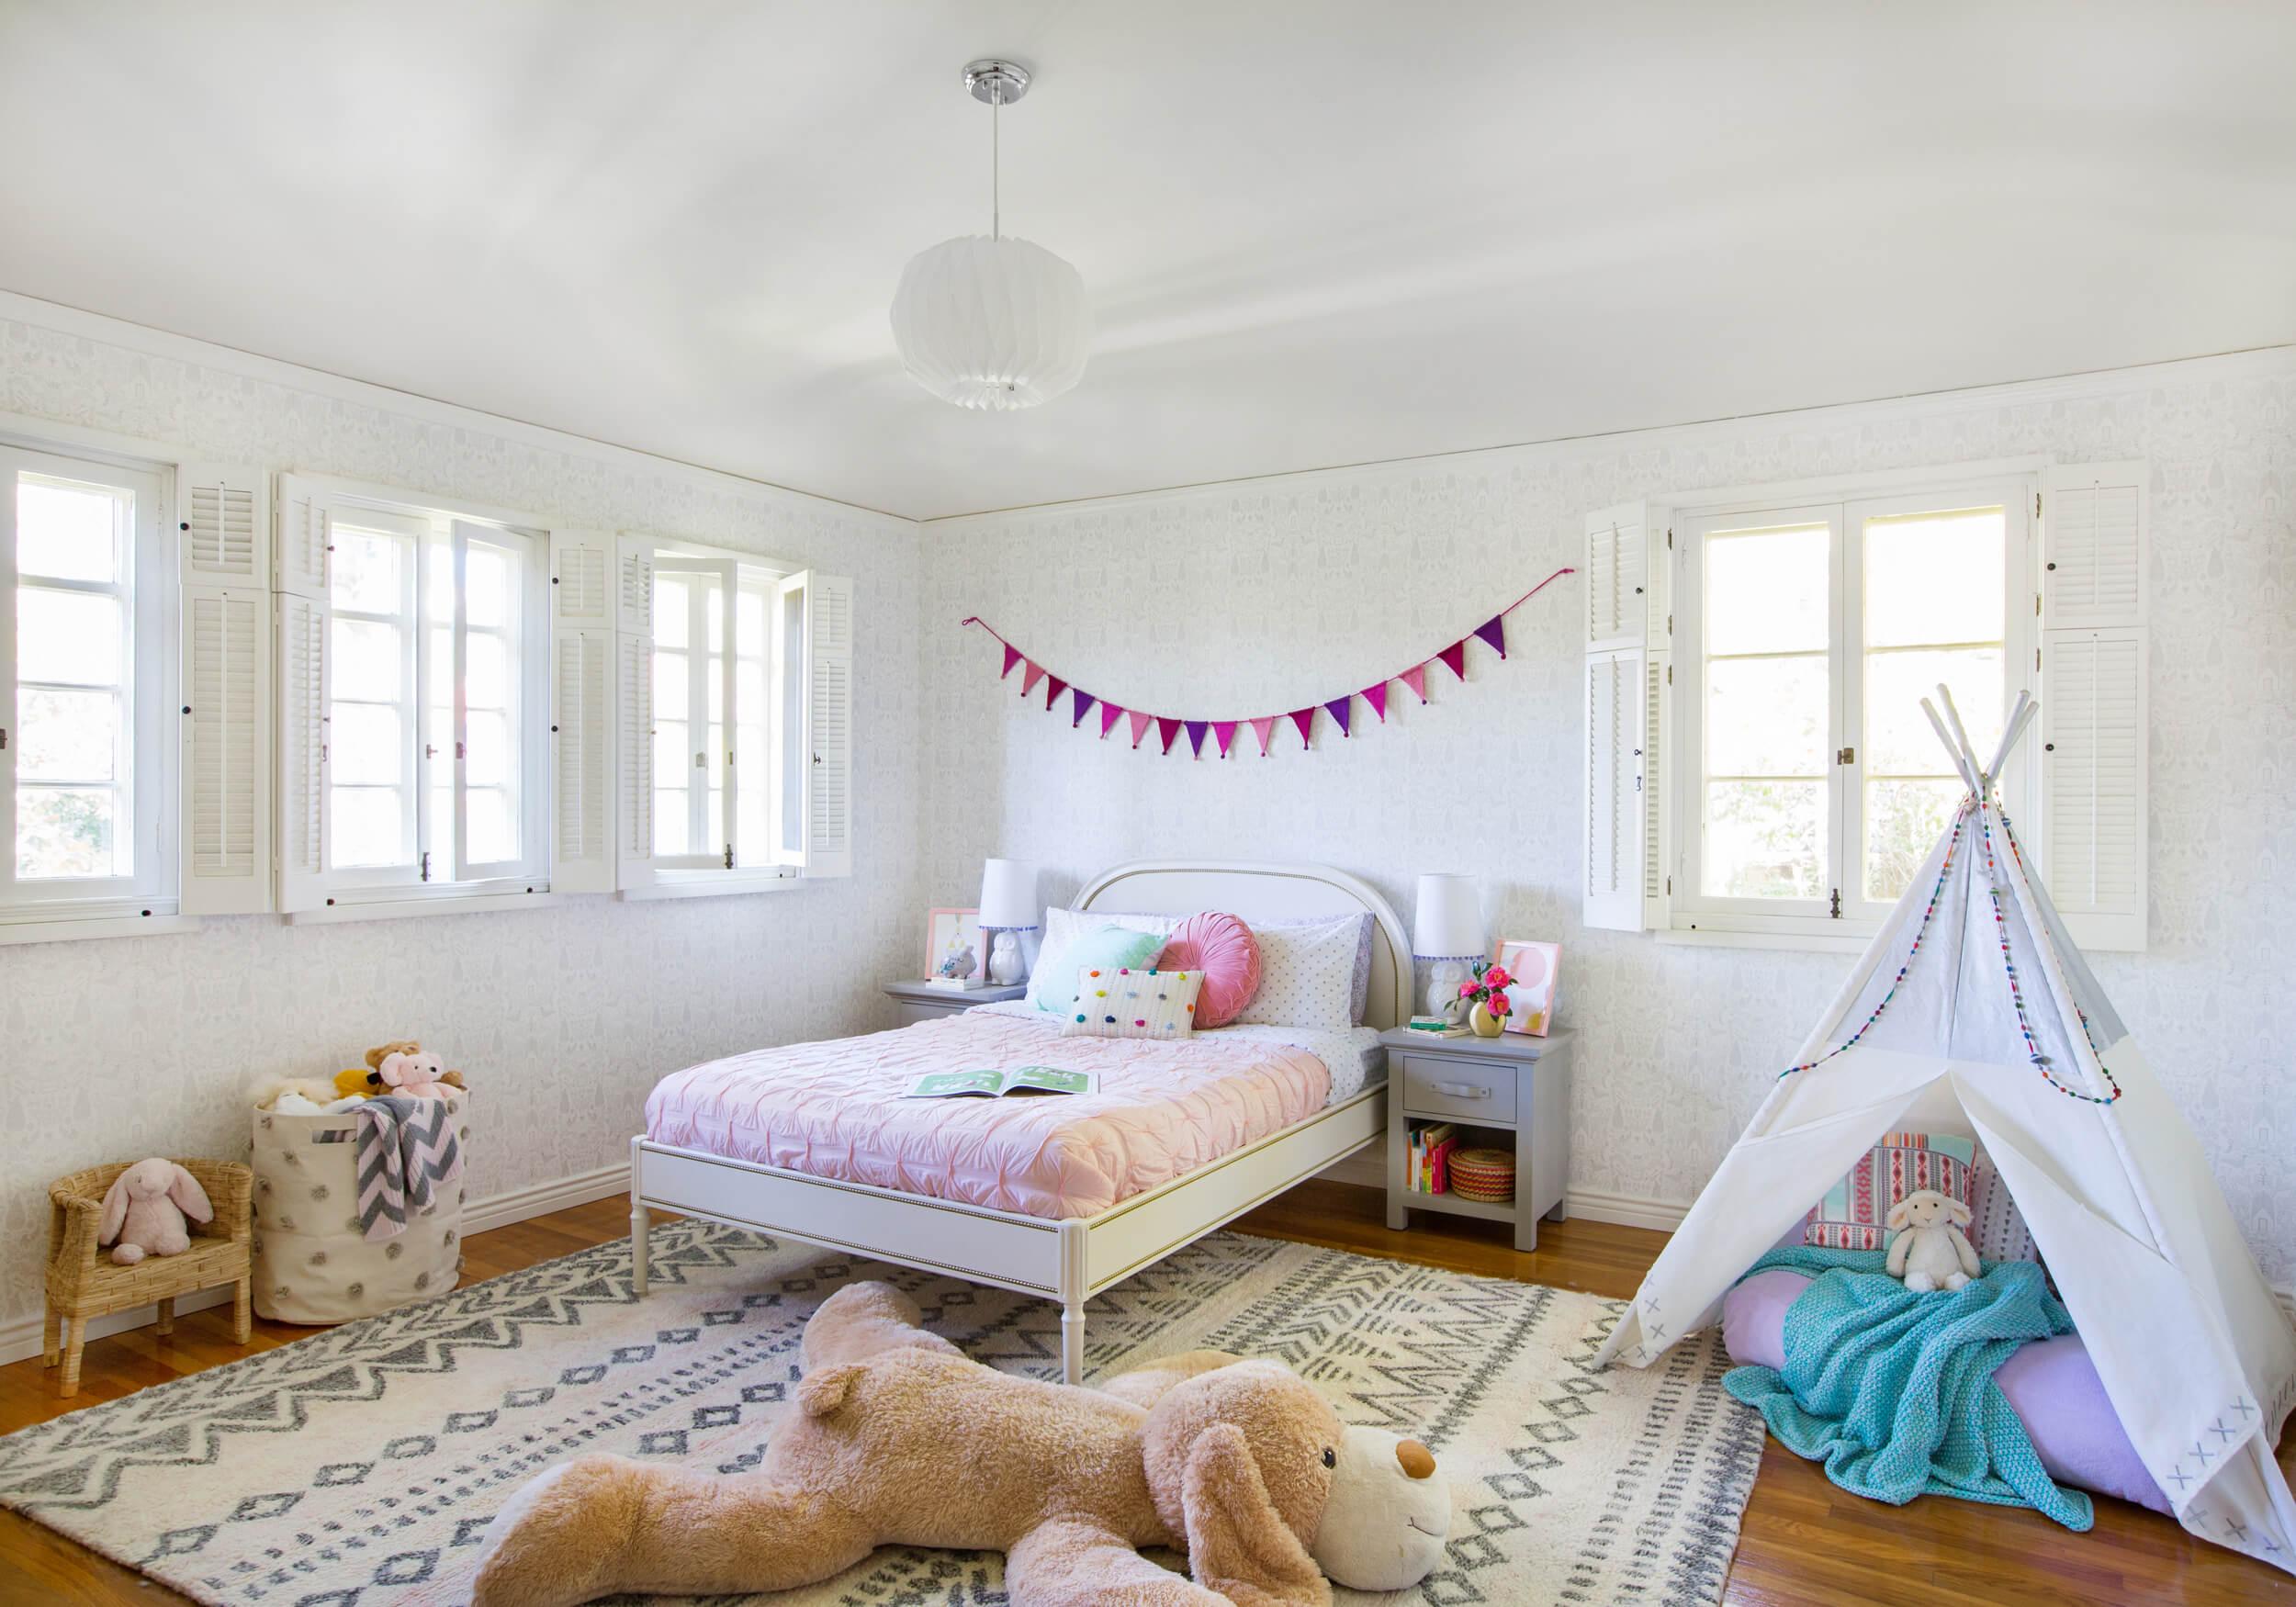 راهنمای طراحی و دیزاین اتاق خواب دخترانه| کالای خواب بدروم